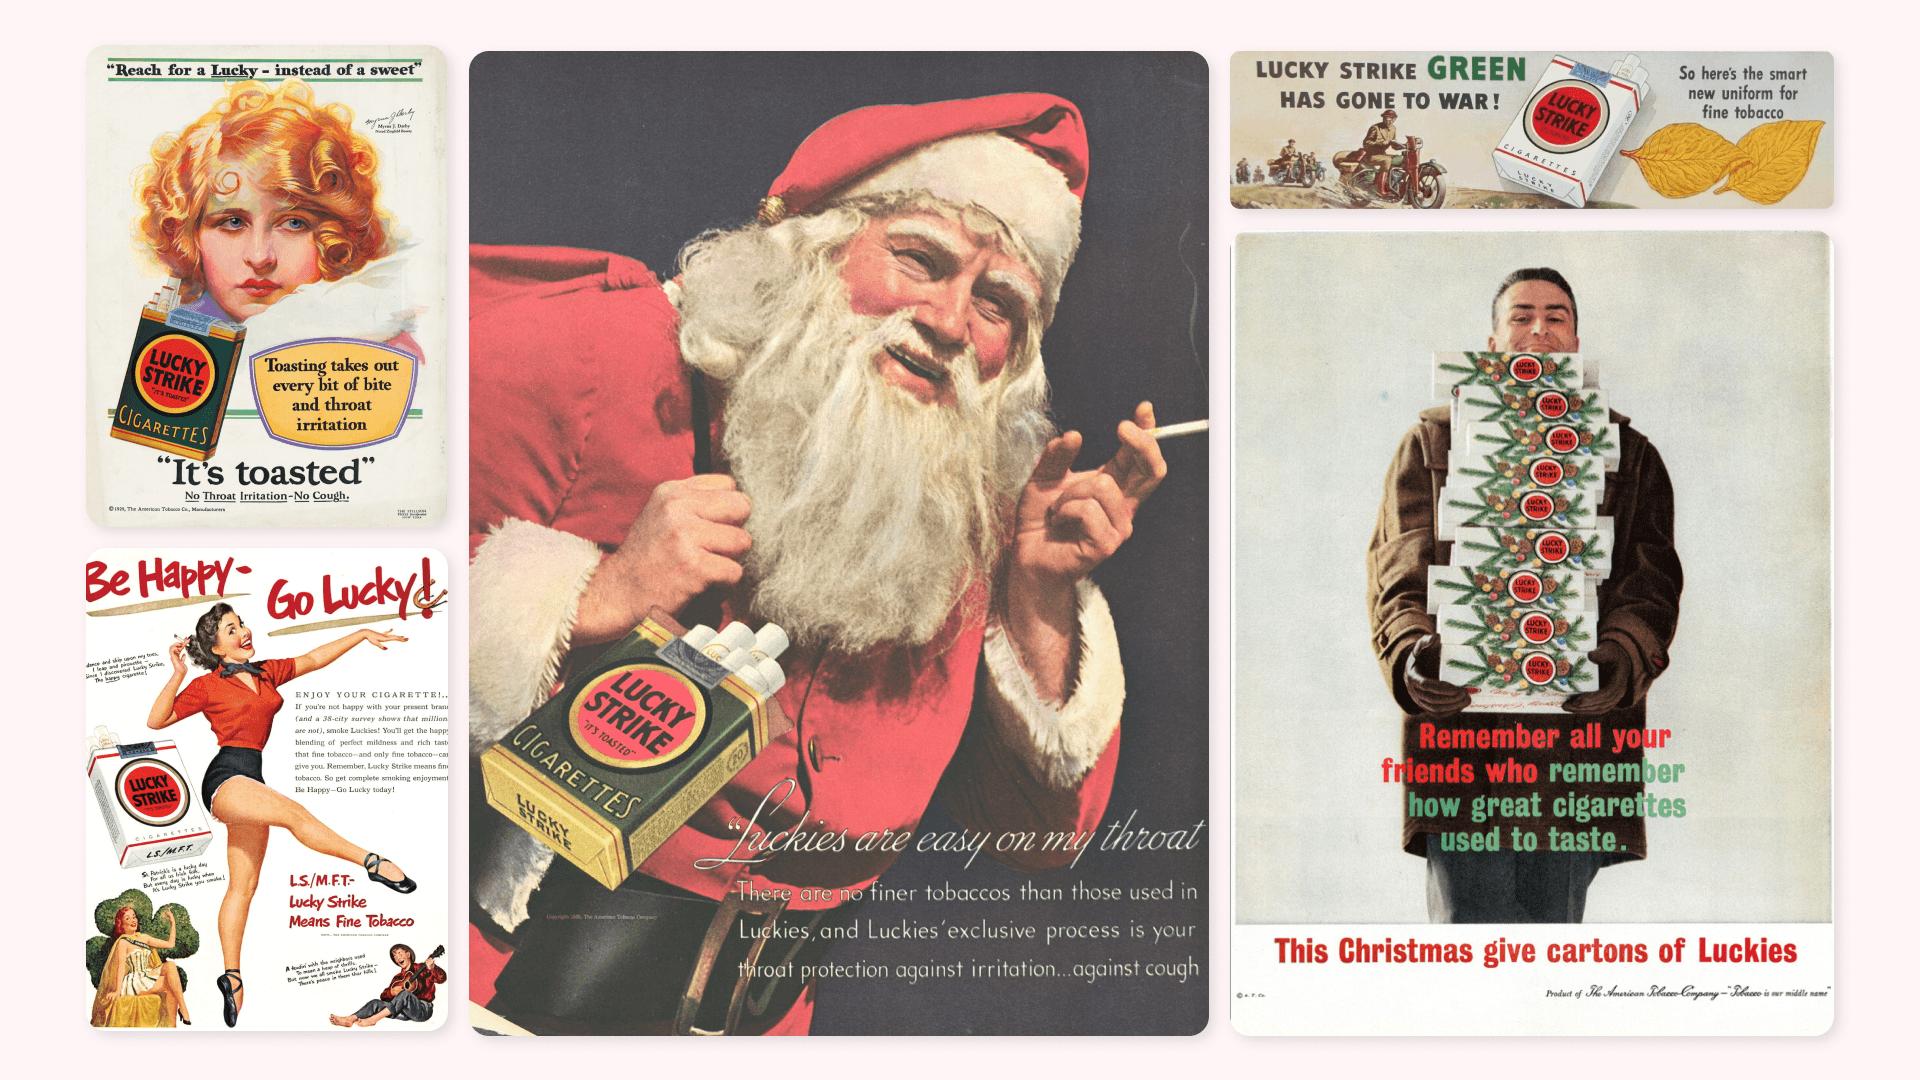 Курящий Санта, рекомендации врачей и средство для похудения: как рекламировали табак Lucky Strike в прошлом веке